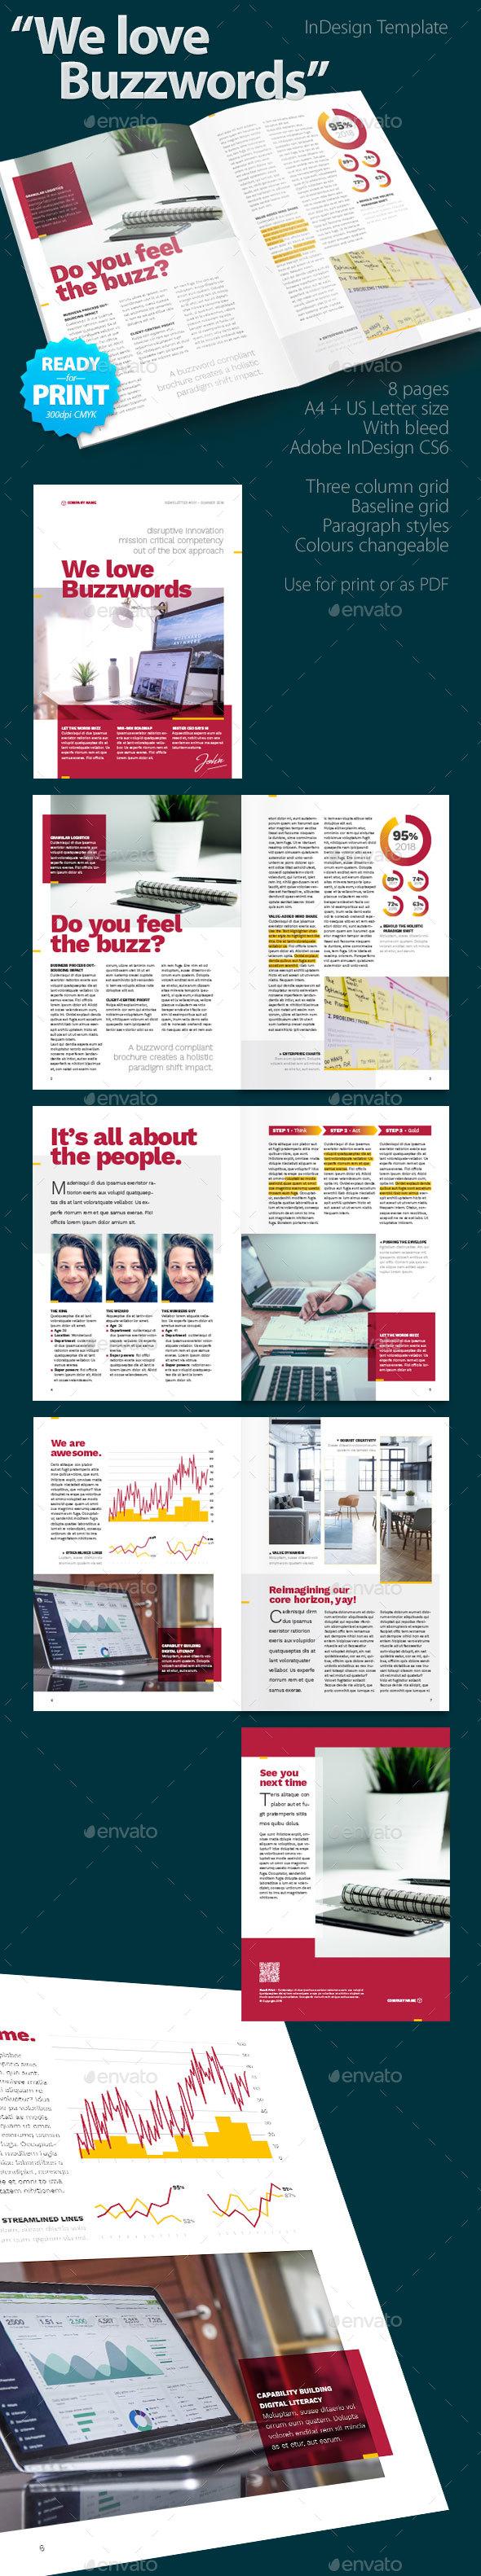 We Love Buzzwords Brochure - Corporate Brochures